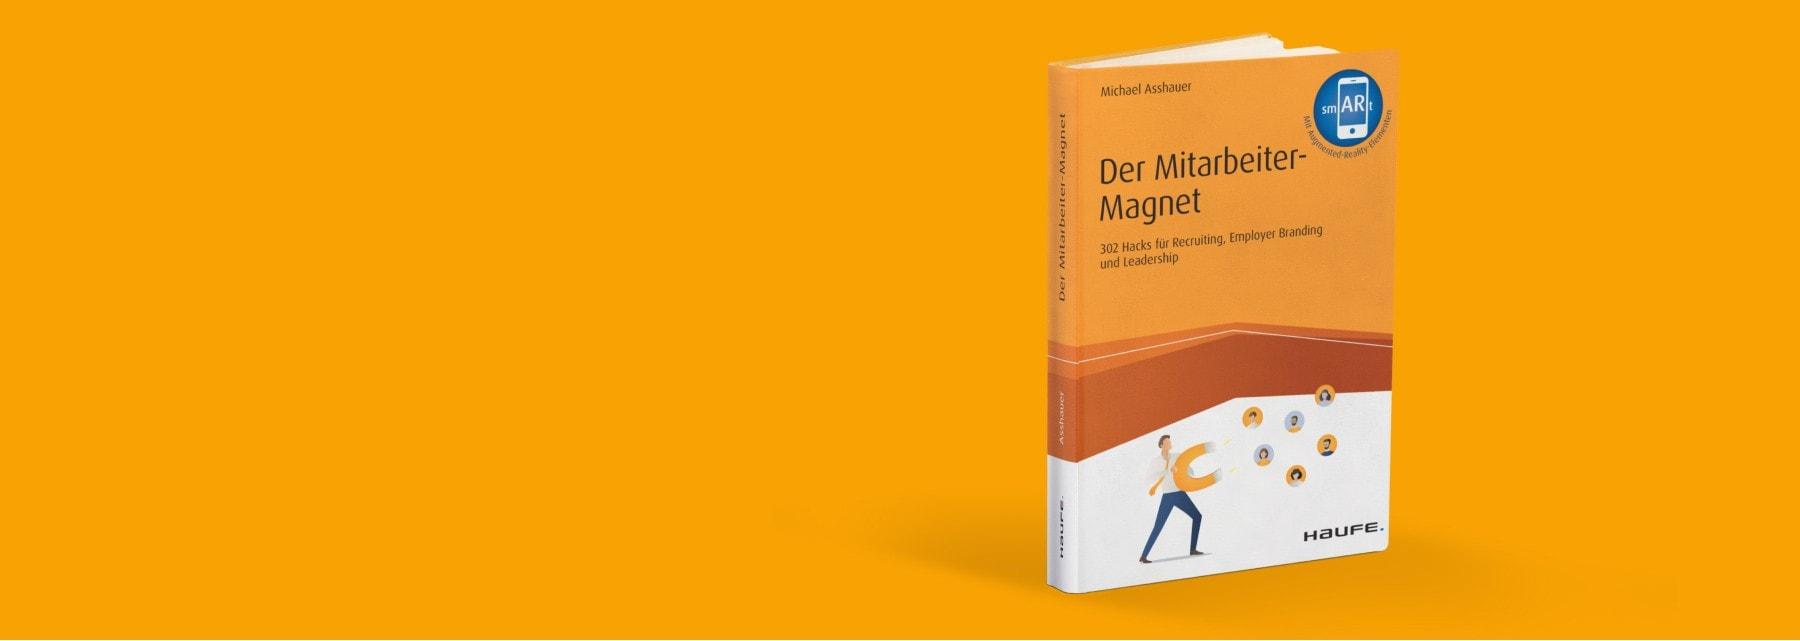 Buch von Michael Asshauer: Der Mitarbeiter-Magnet: 302 Hacks für Recruiting, Employer Branding und Leadership im Haufe Verlag